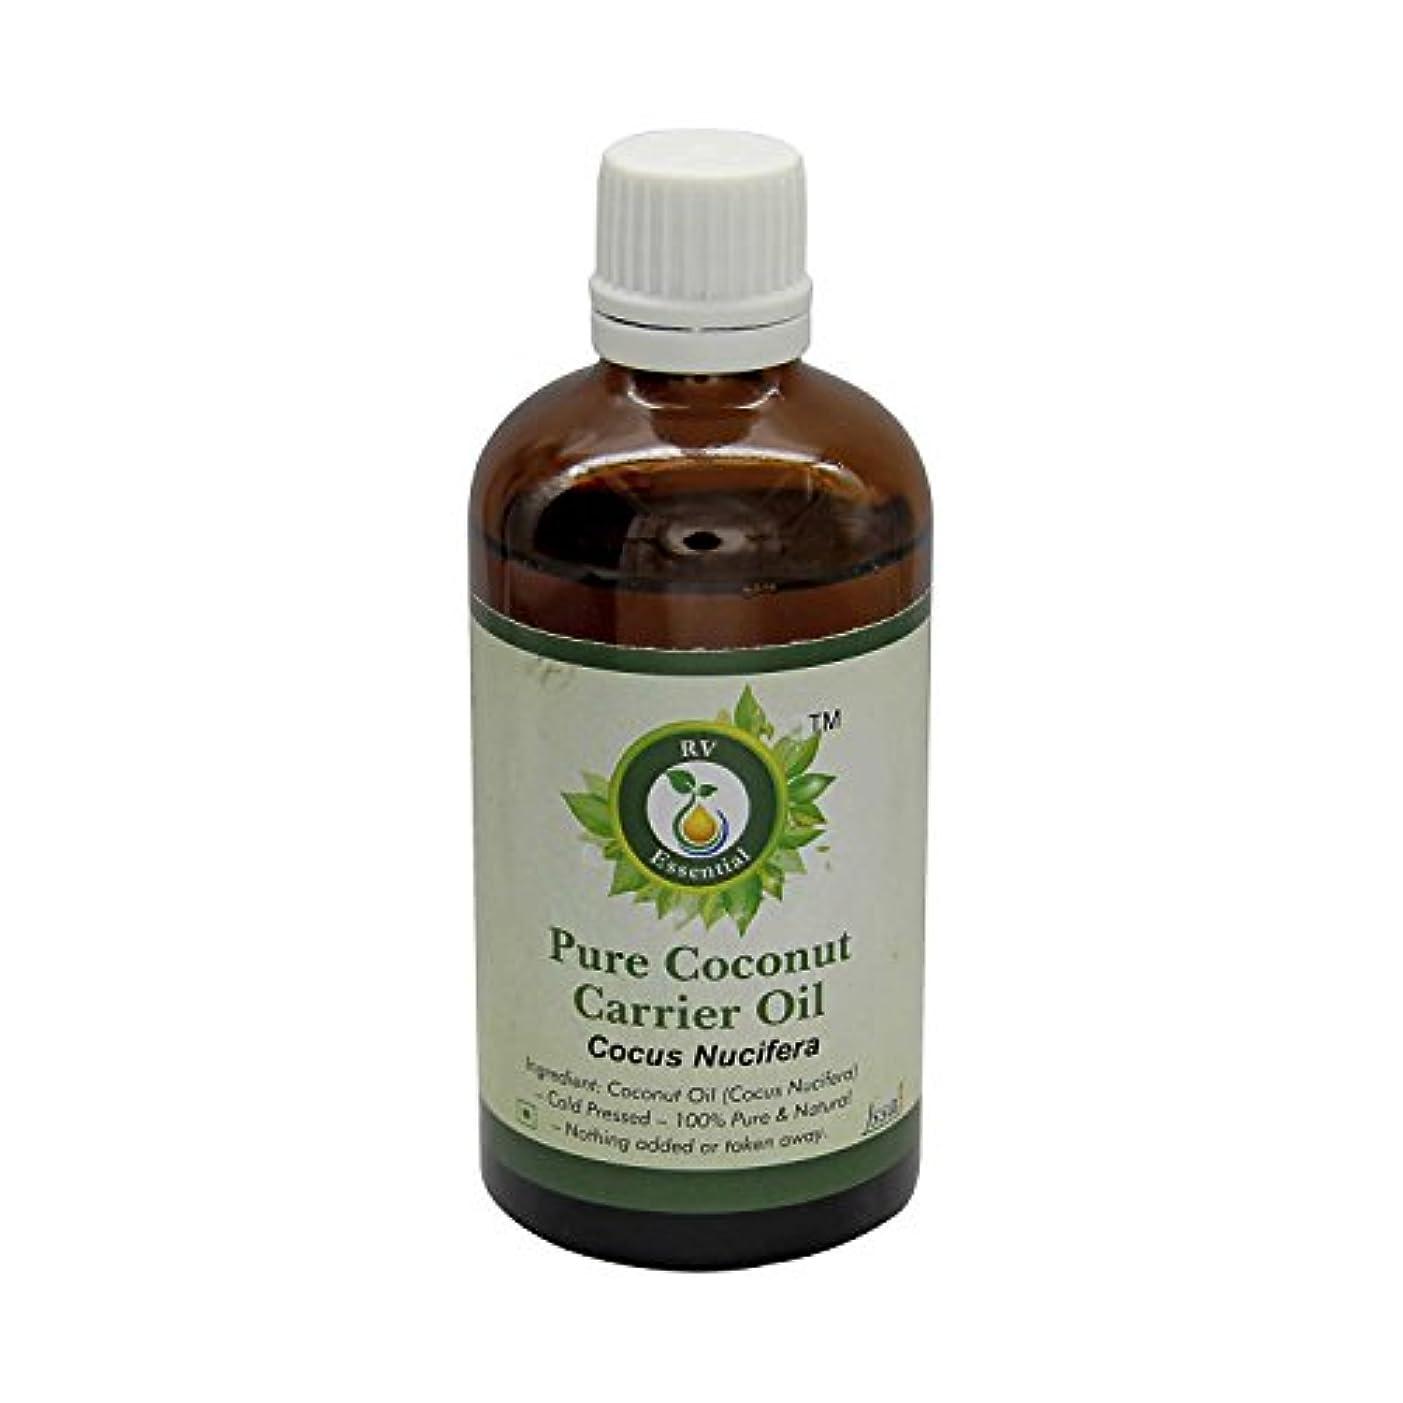 ブルジョン大混乱選ぶR V Essential 純粋なココナッツキャリアオイル5ml (0.169oz)- Cocus Nucifera (100%ピュア&ナチュラルコールドPressed) Pure Coconut Carrier Oil